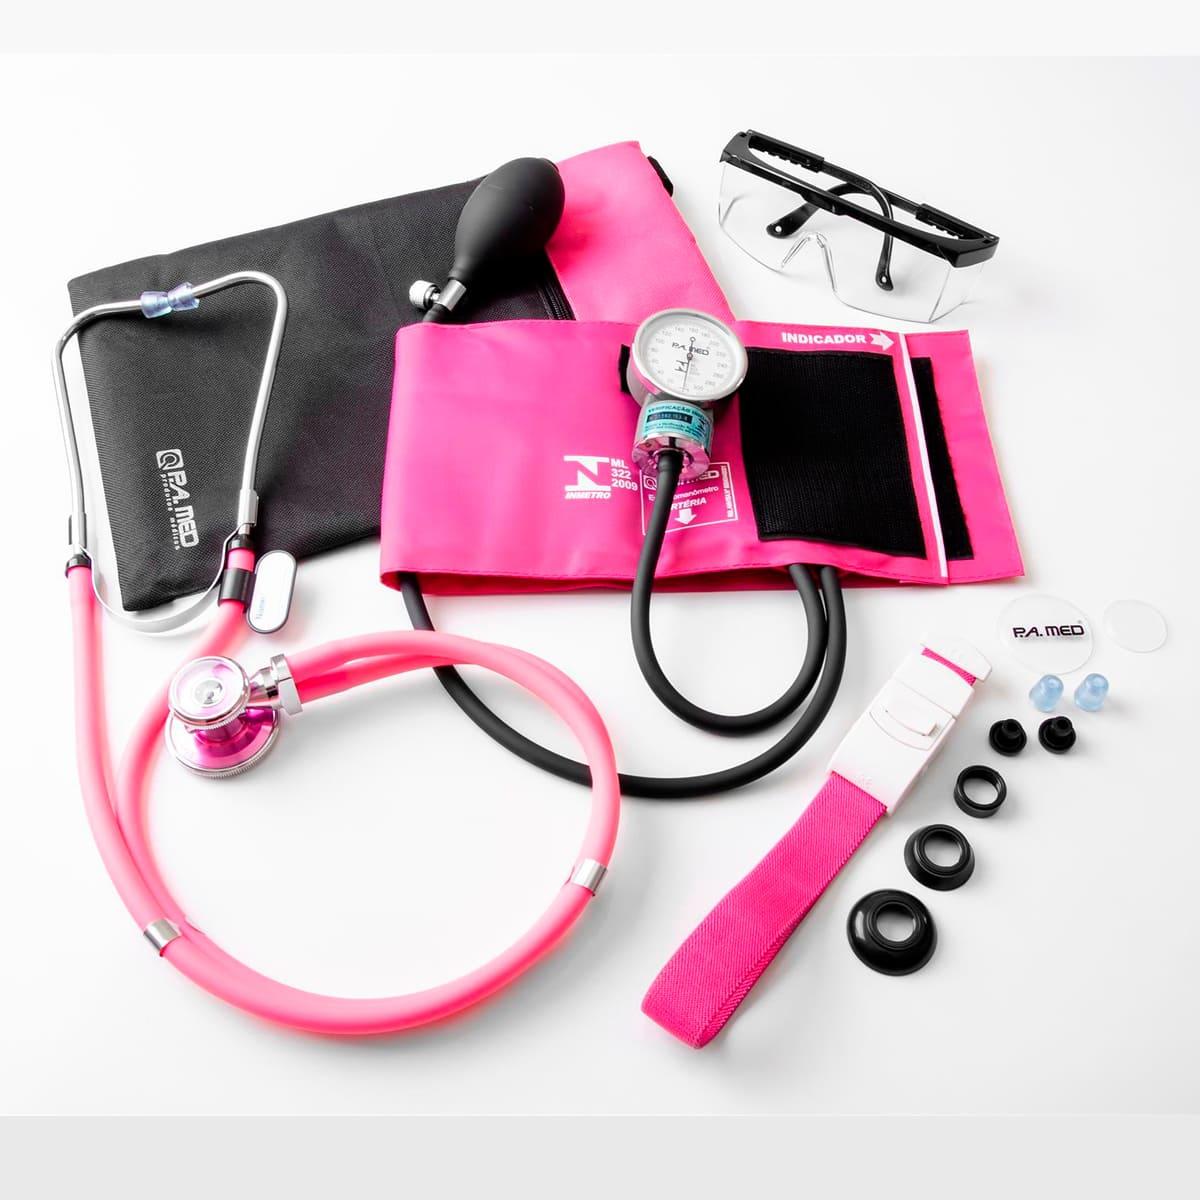 Kit acadêmico de enfermagem c/ Medidor de Pressão e estetoscópio rappaport - P.a. med